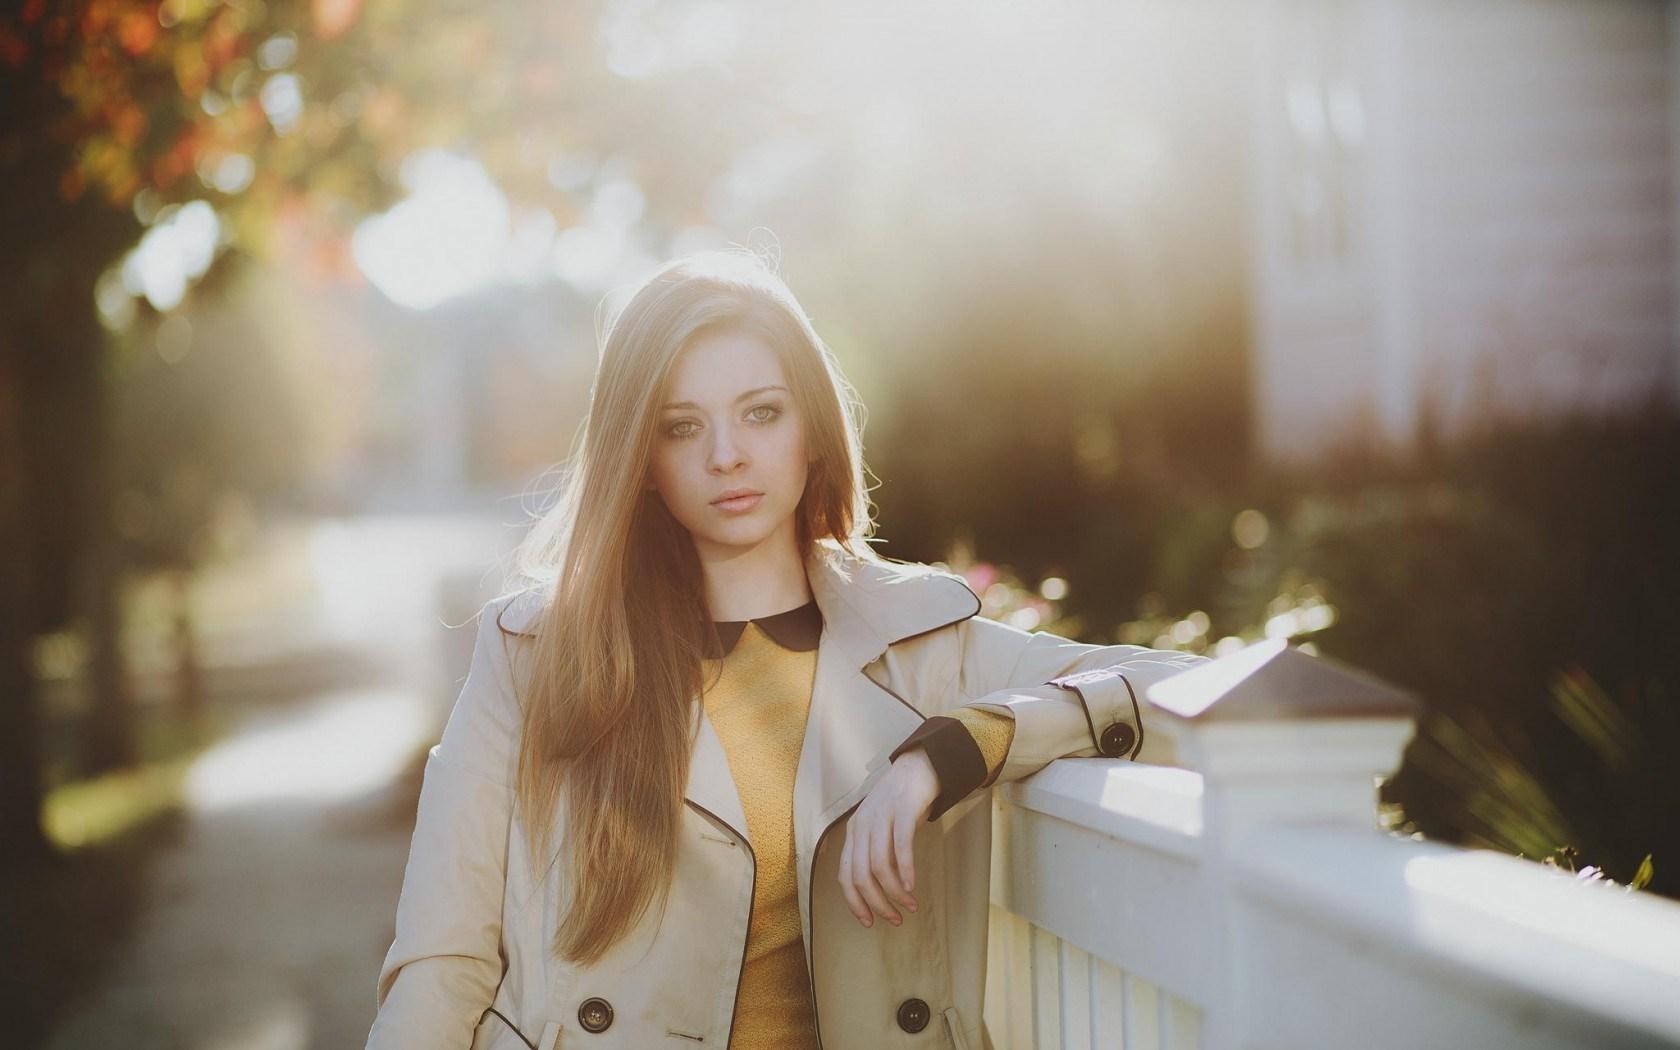 Girl Model Bokeh Wallpaper